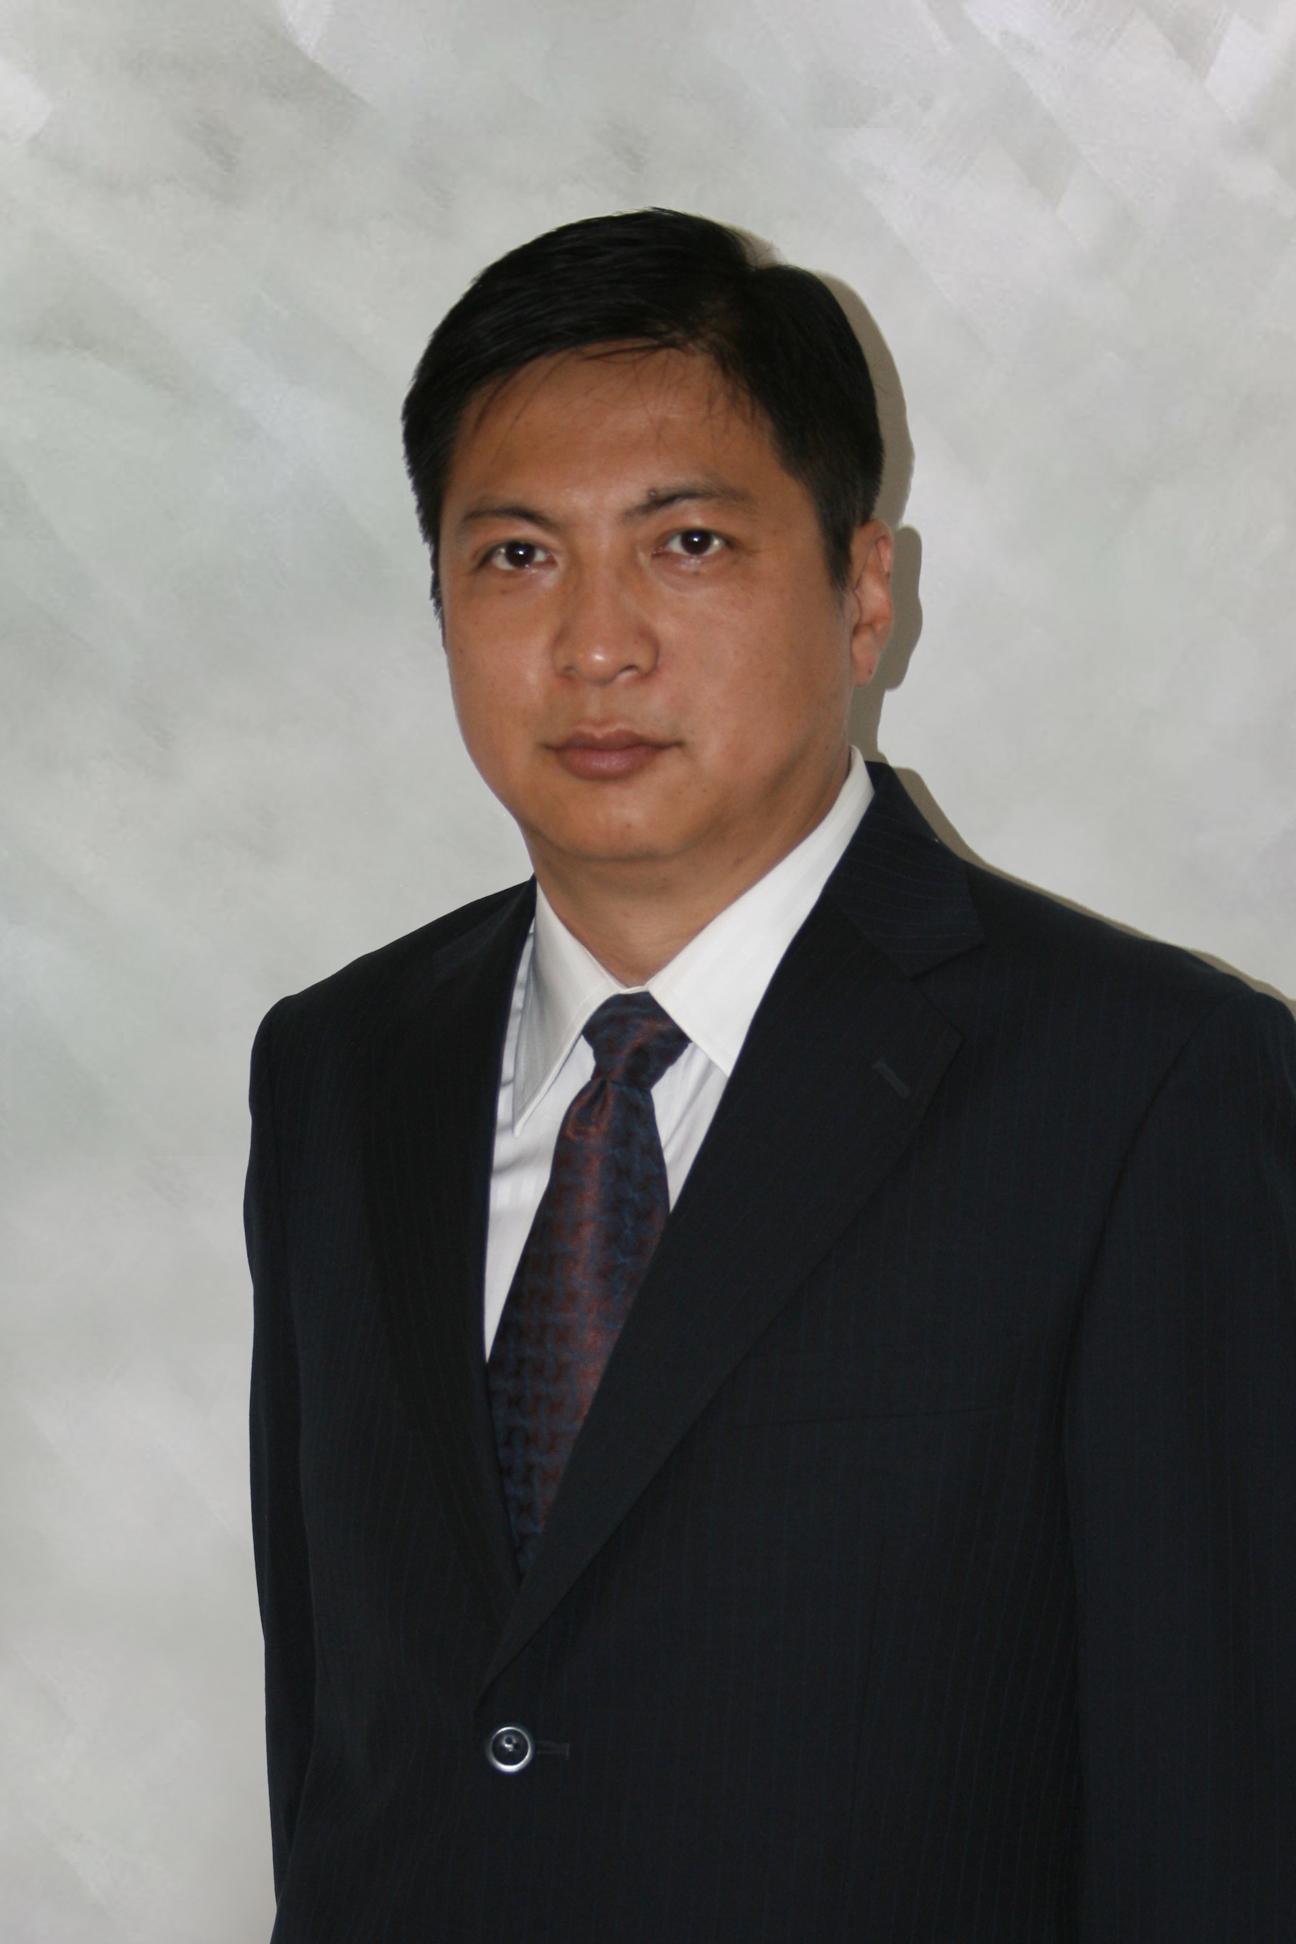 Charles Guo